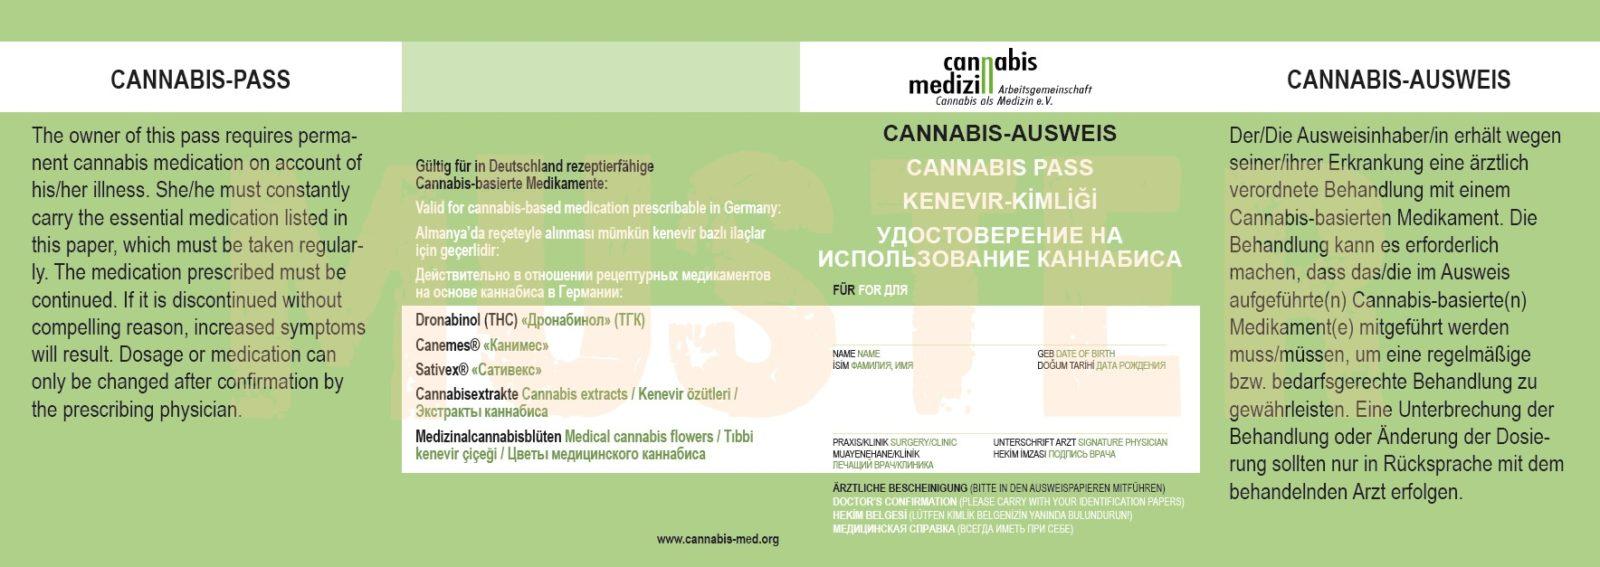 Cannabis-Ausweis